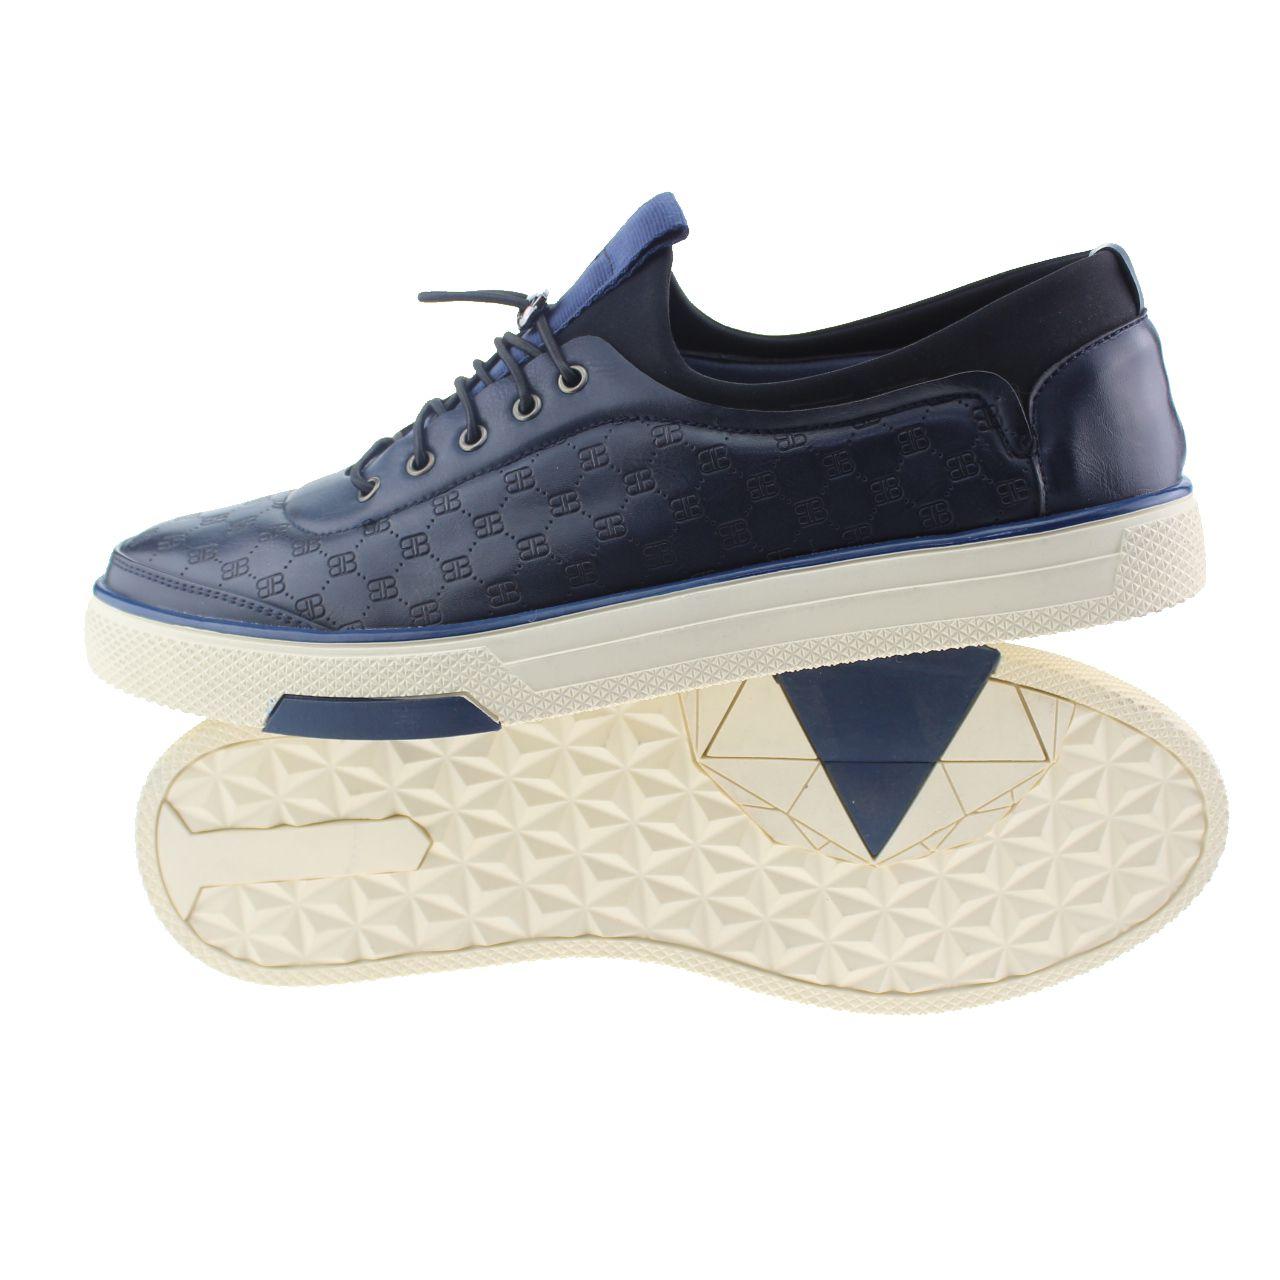 Búsqueda - Zapatos hombre - Ripley.cl ! 9967f3b779141